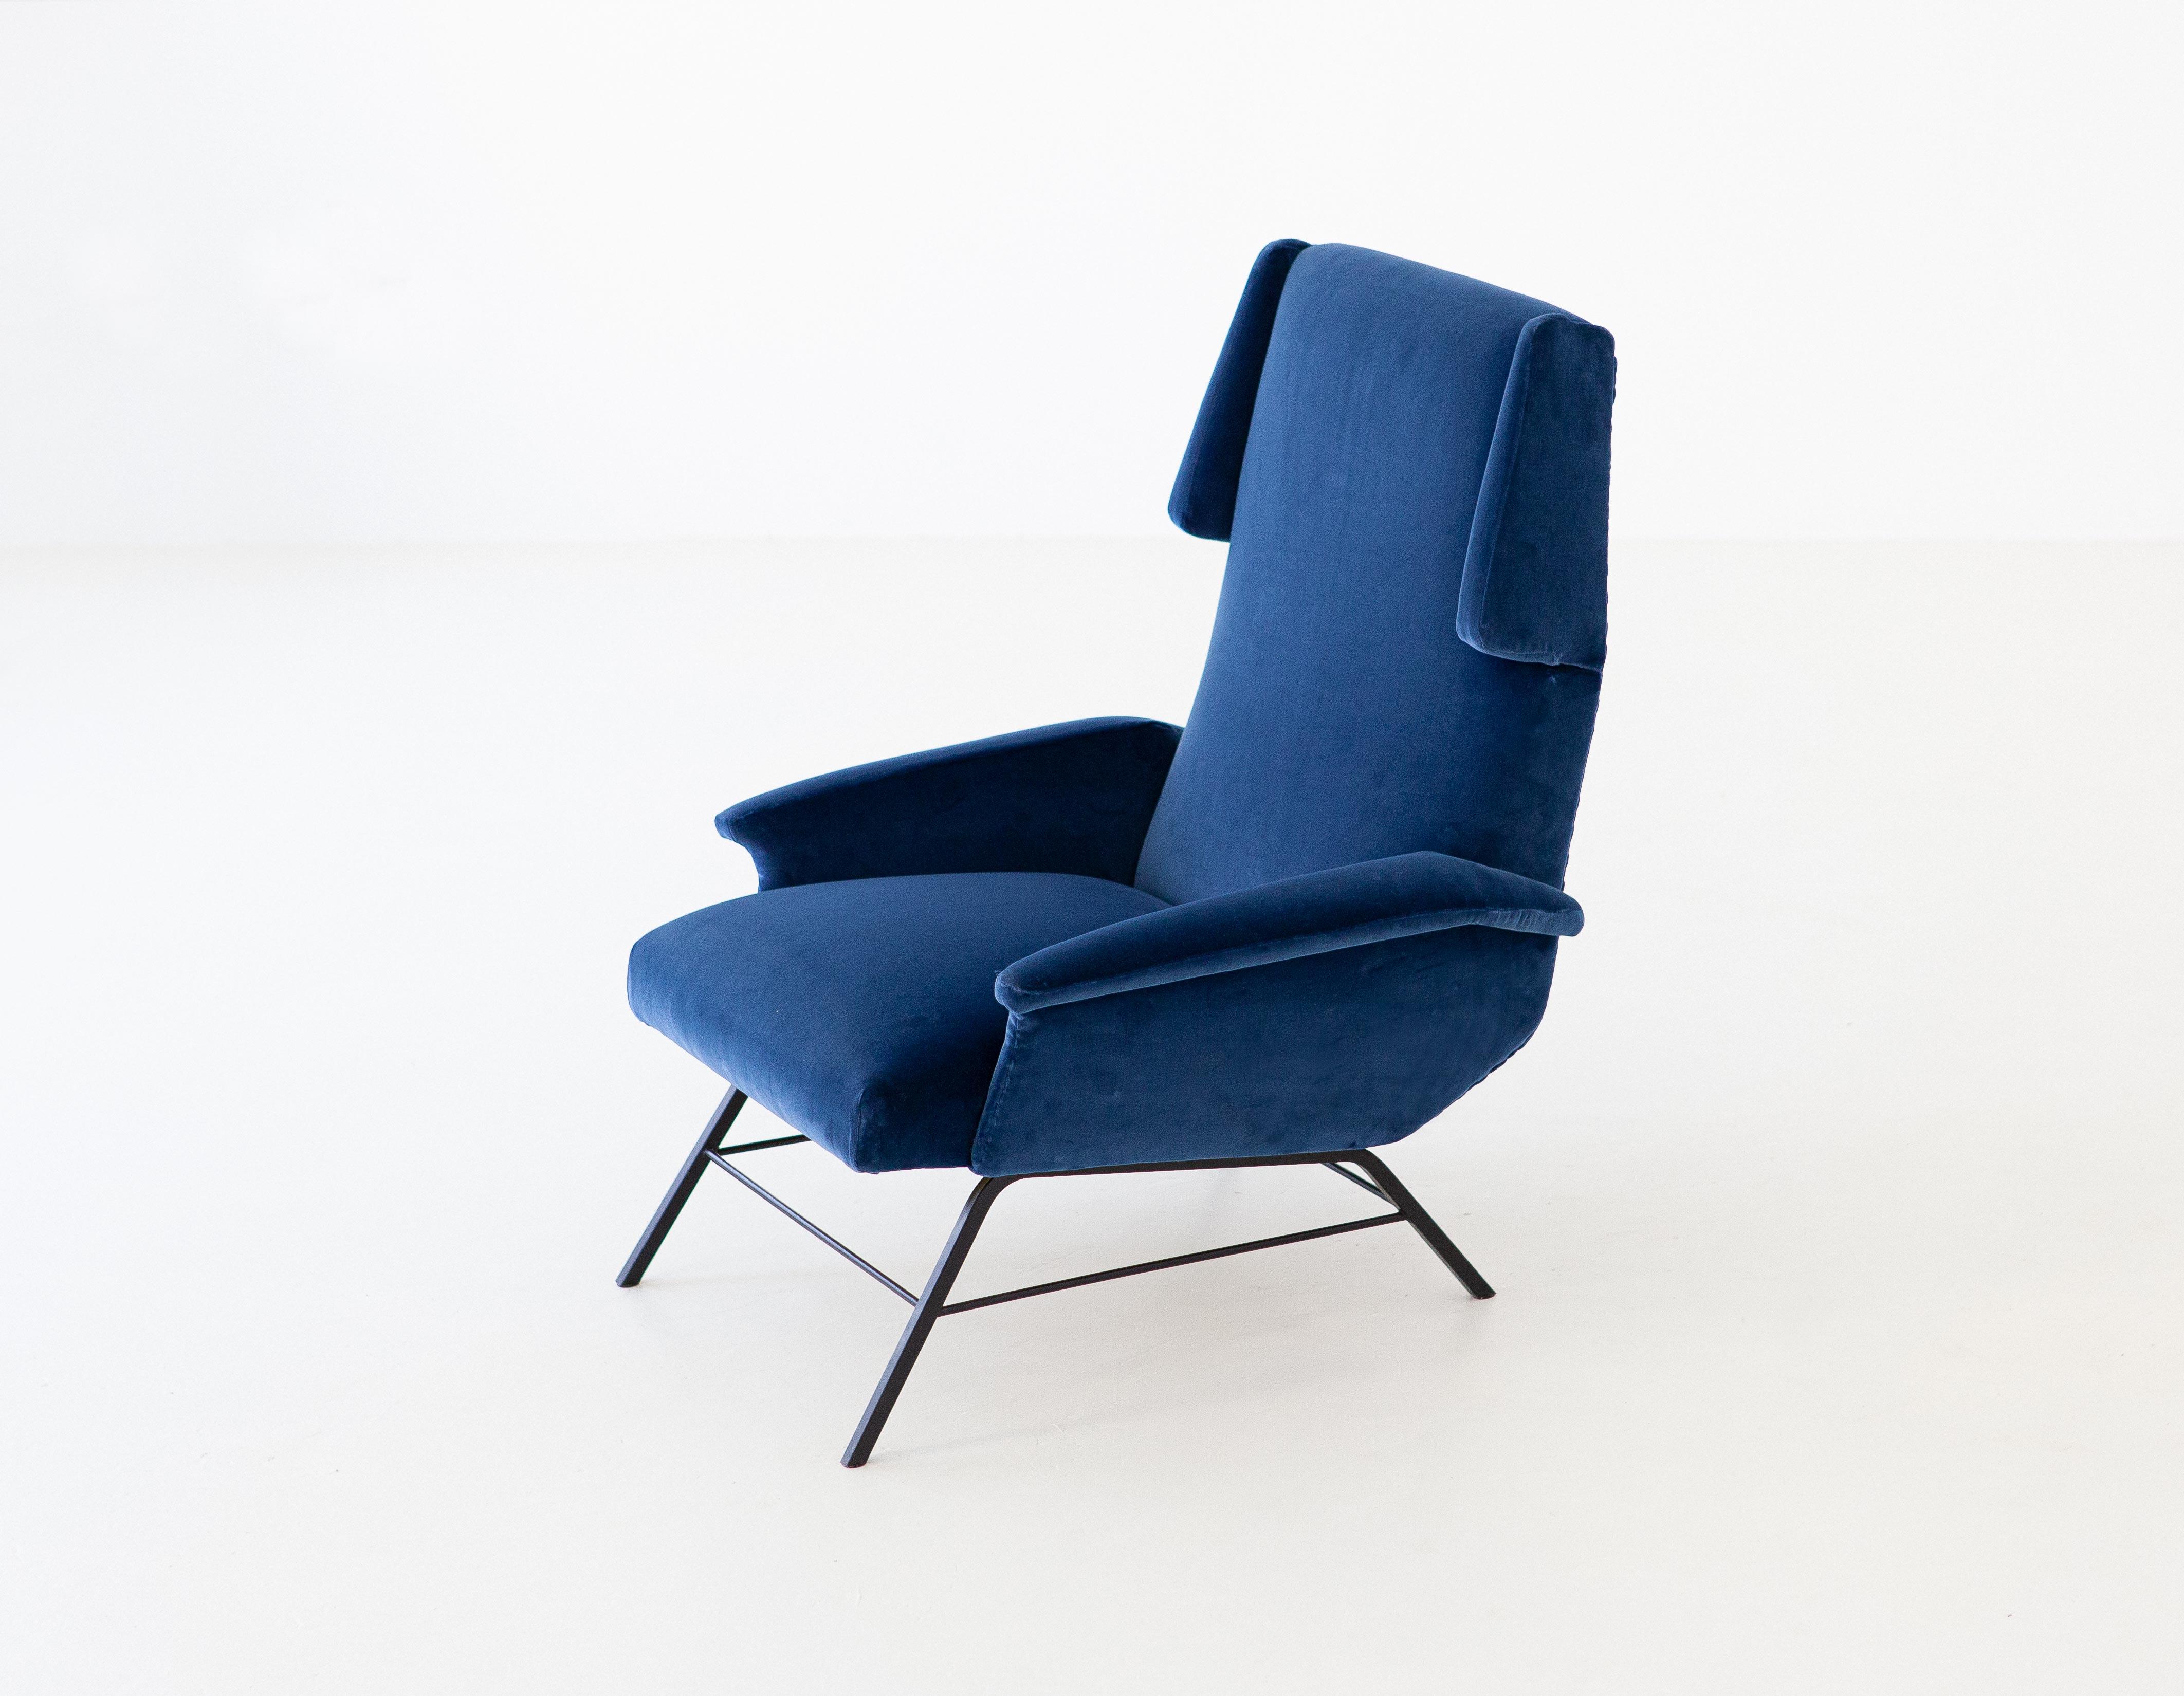 1950s-italian-blue-velvet-lounge-armchair-2-se304